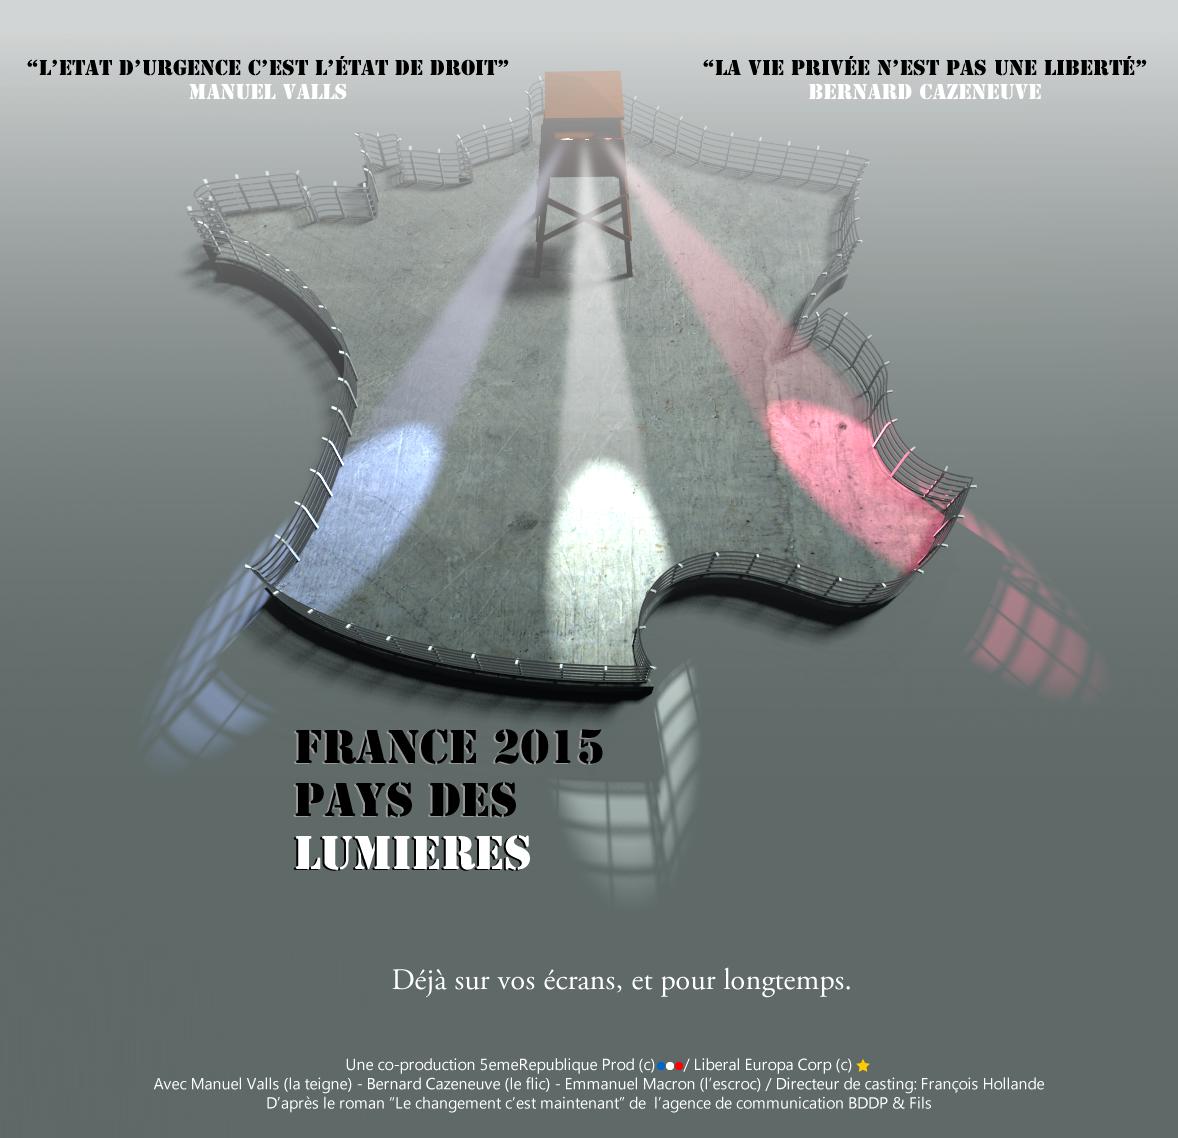 France 2015, pays des lumieres #etatdurgence https://t.co/dghQTv1boS